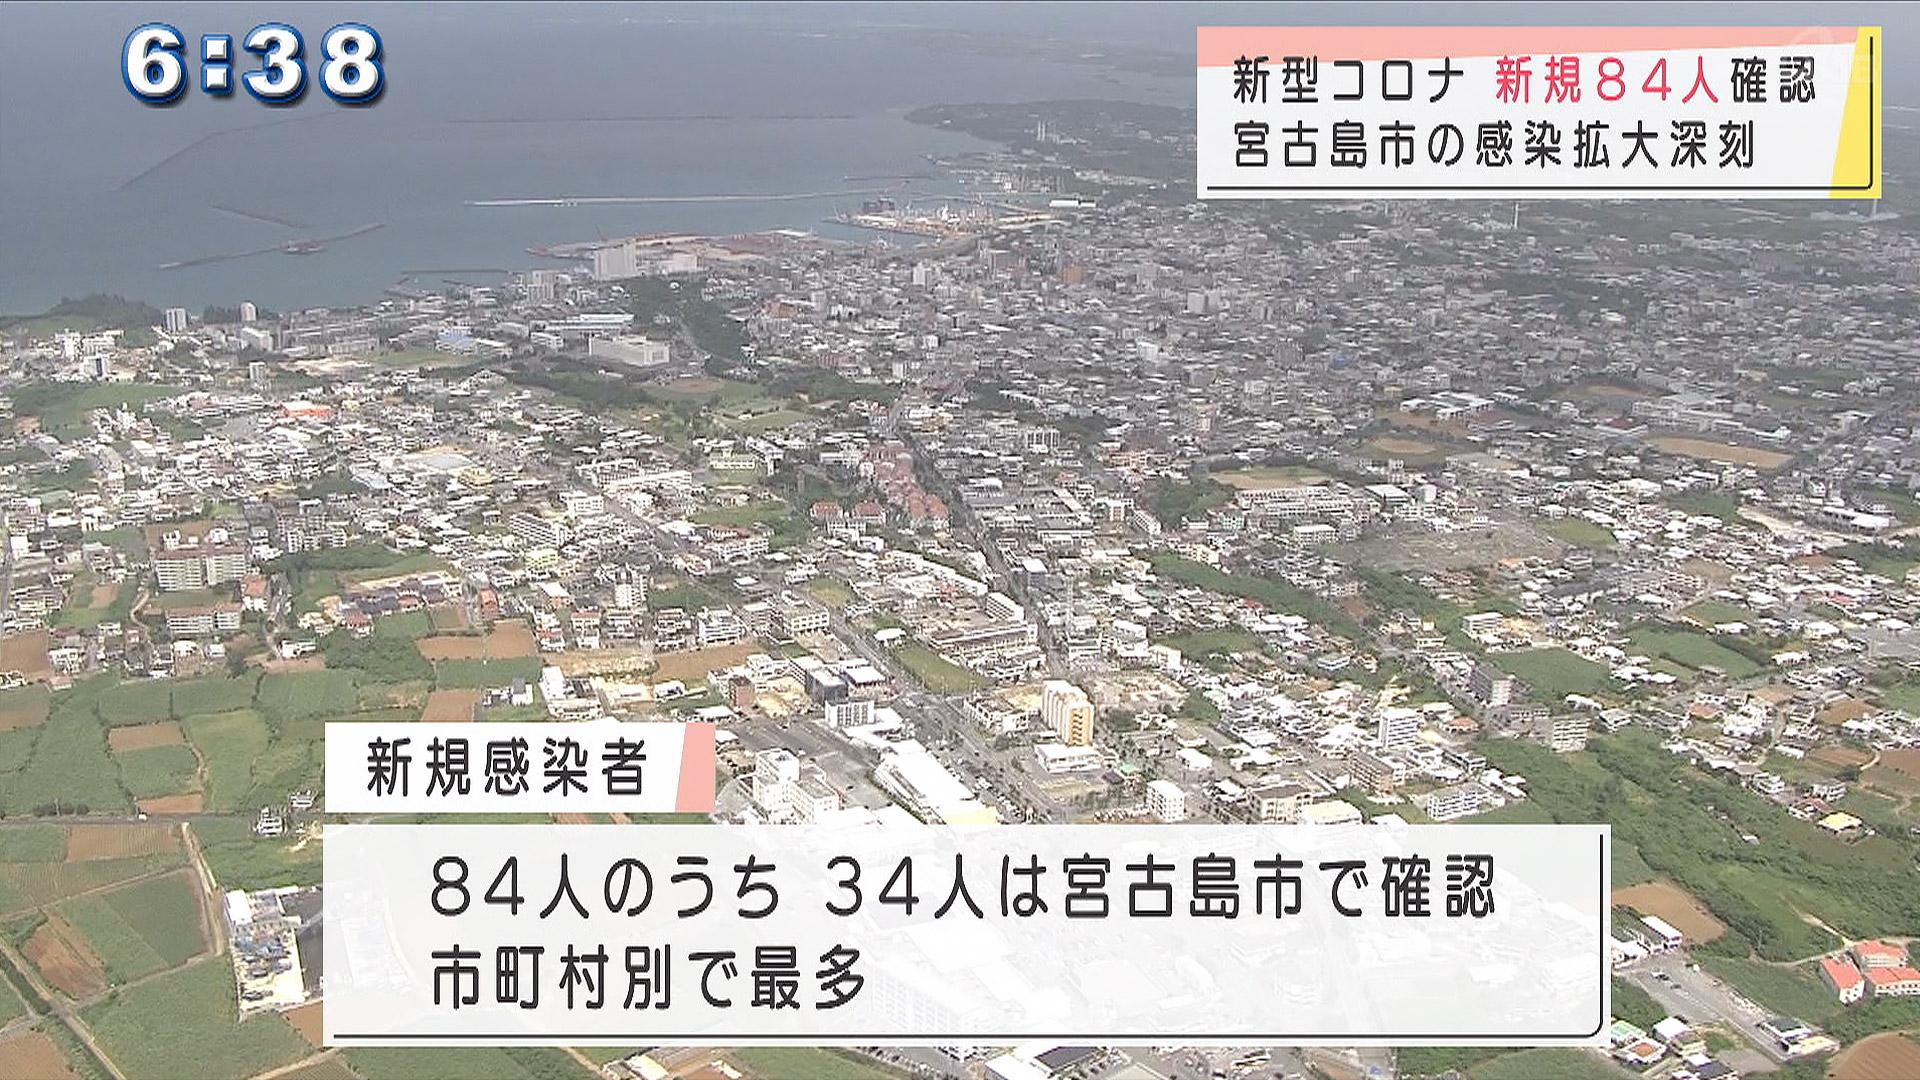 新規感染者84人 うち宮古島市で34人